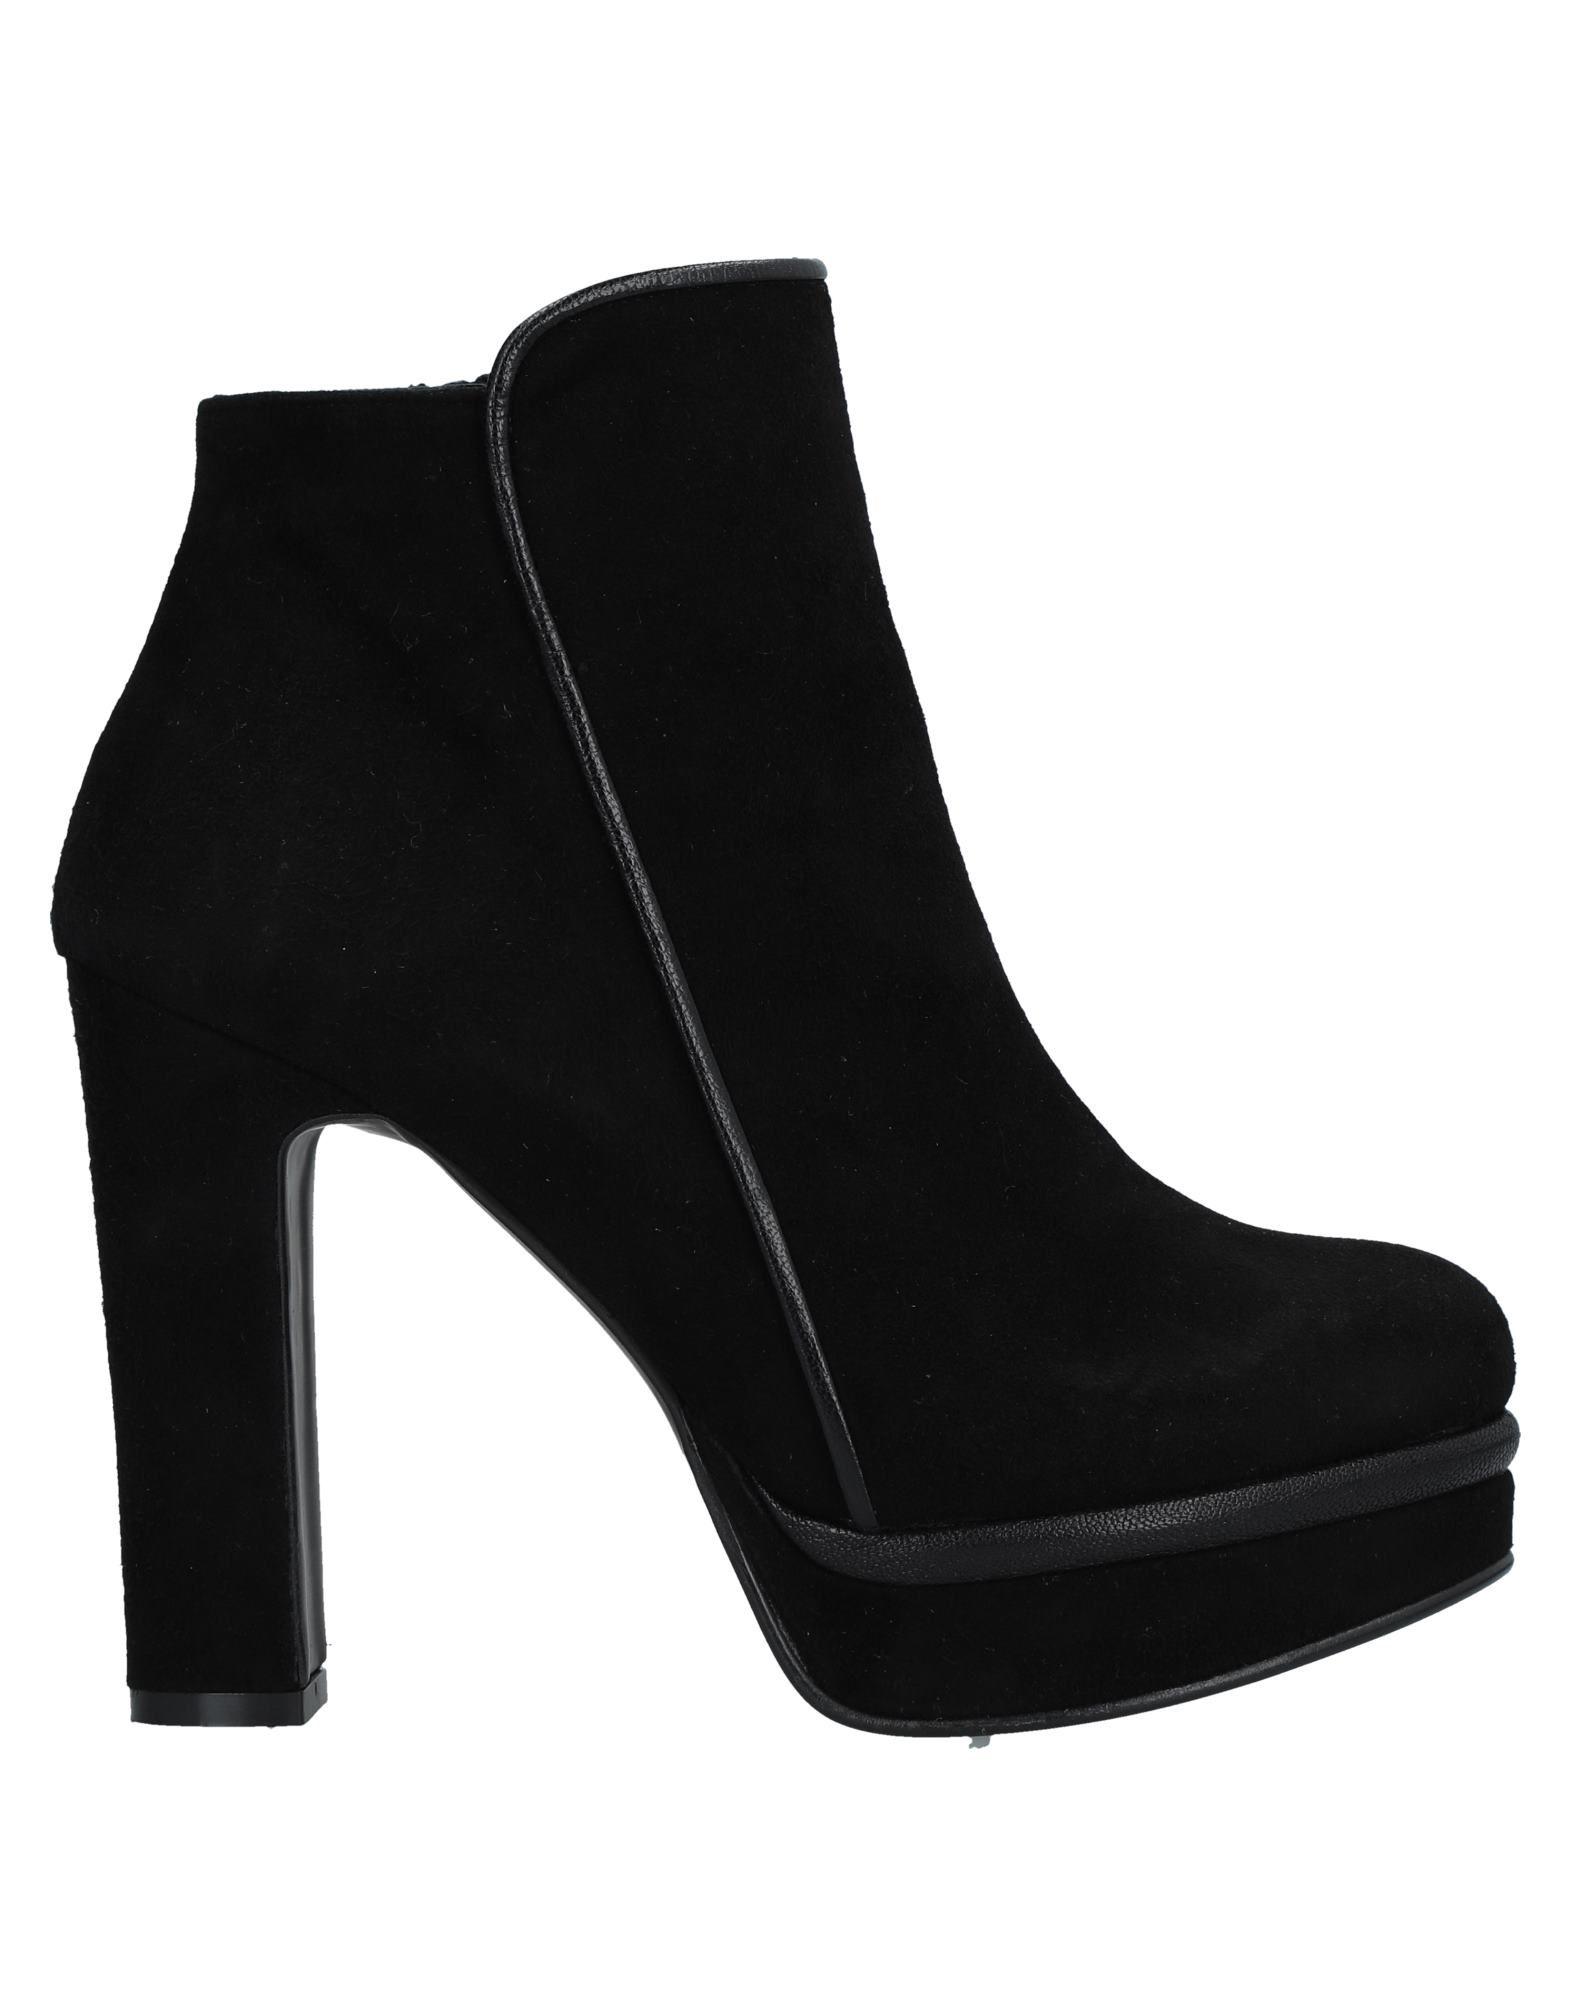 Silvana Stiefelette Damen  11529879CA Gute Qualität beliebte Schuhe